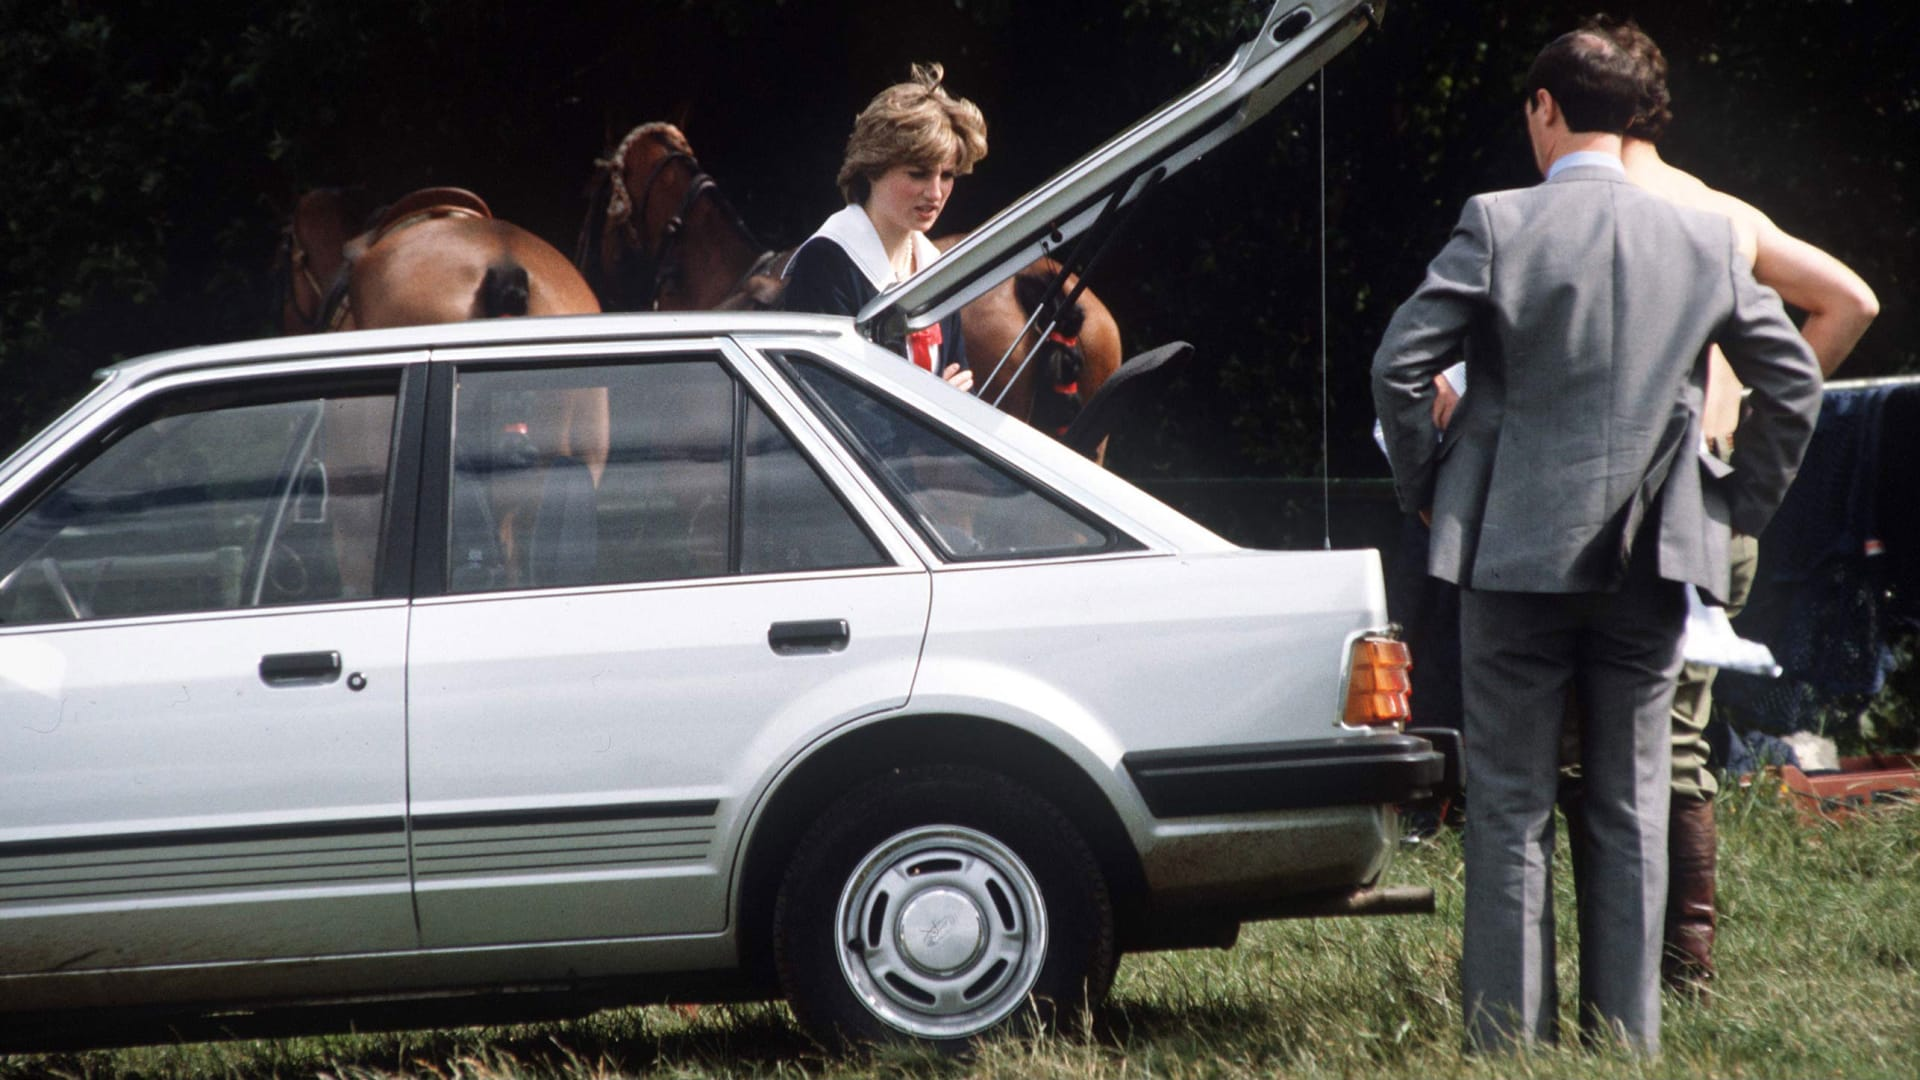 كانت هدية خطوبة.. بيع سيارة منحها الأمير تشارلز للأميرة ديانا مقابل 72 ألف دولار